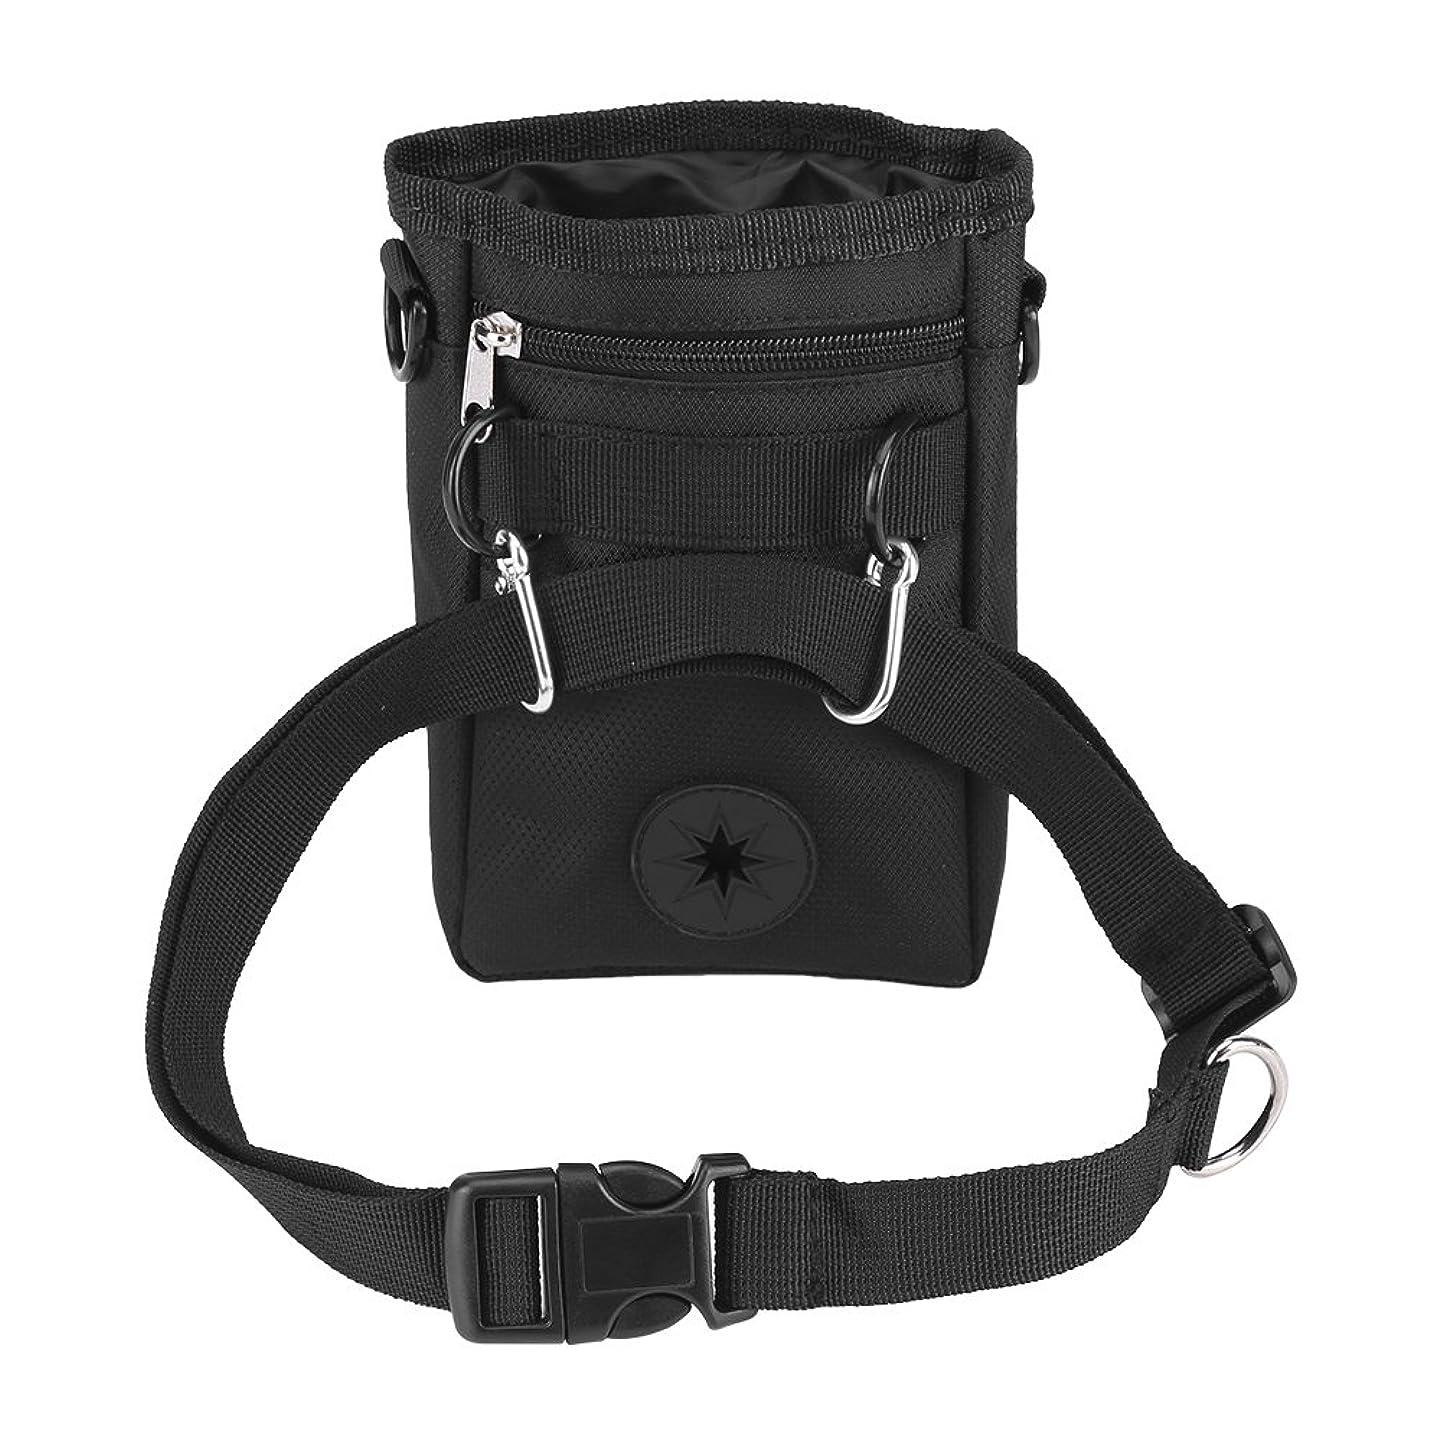 第五はぁ振り返るしんちんちん 犬トレーニングポーチ 携帯バッグ 犬 ウエストポーチ トレーニング 訓練や散歩 おでかけ用品 おやつ入れバック 小物入れ袋 散歩に適用 ベルト